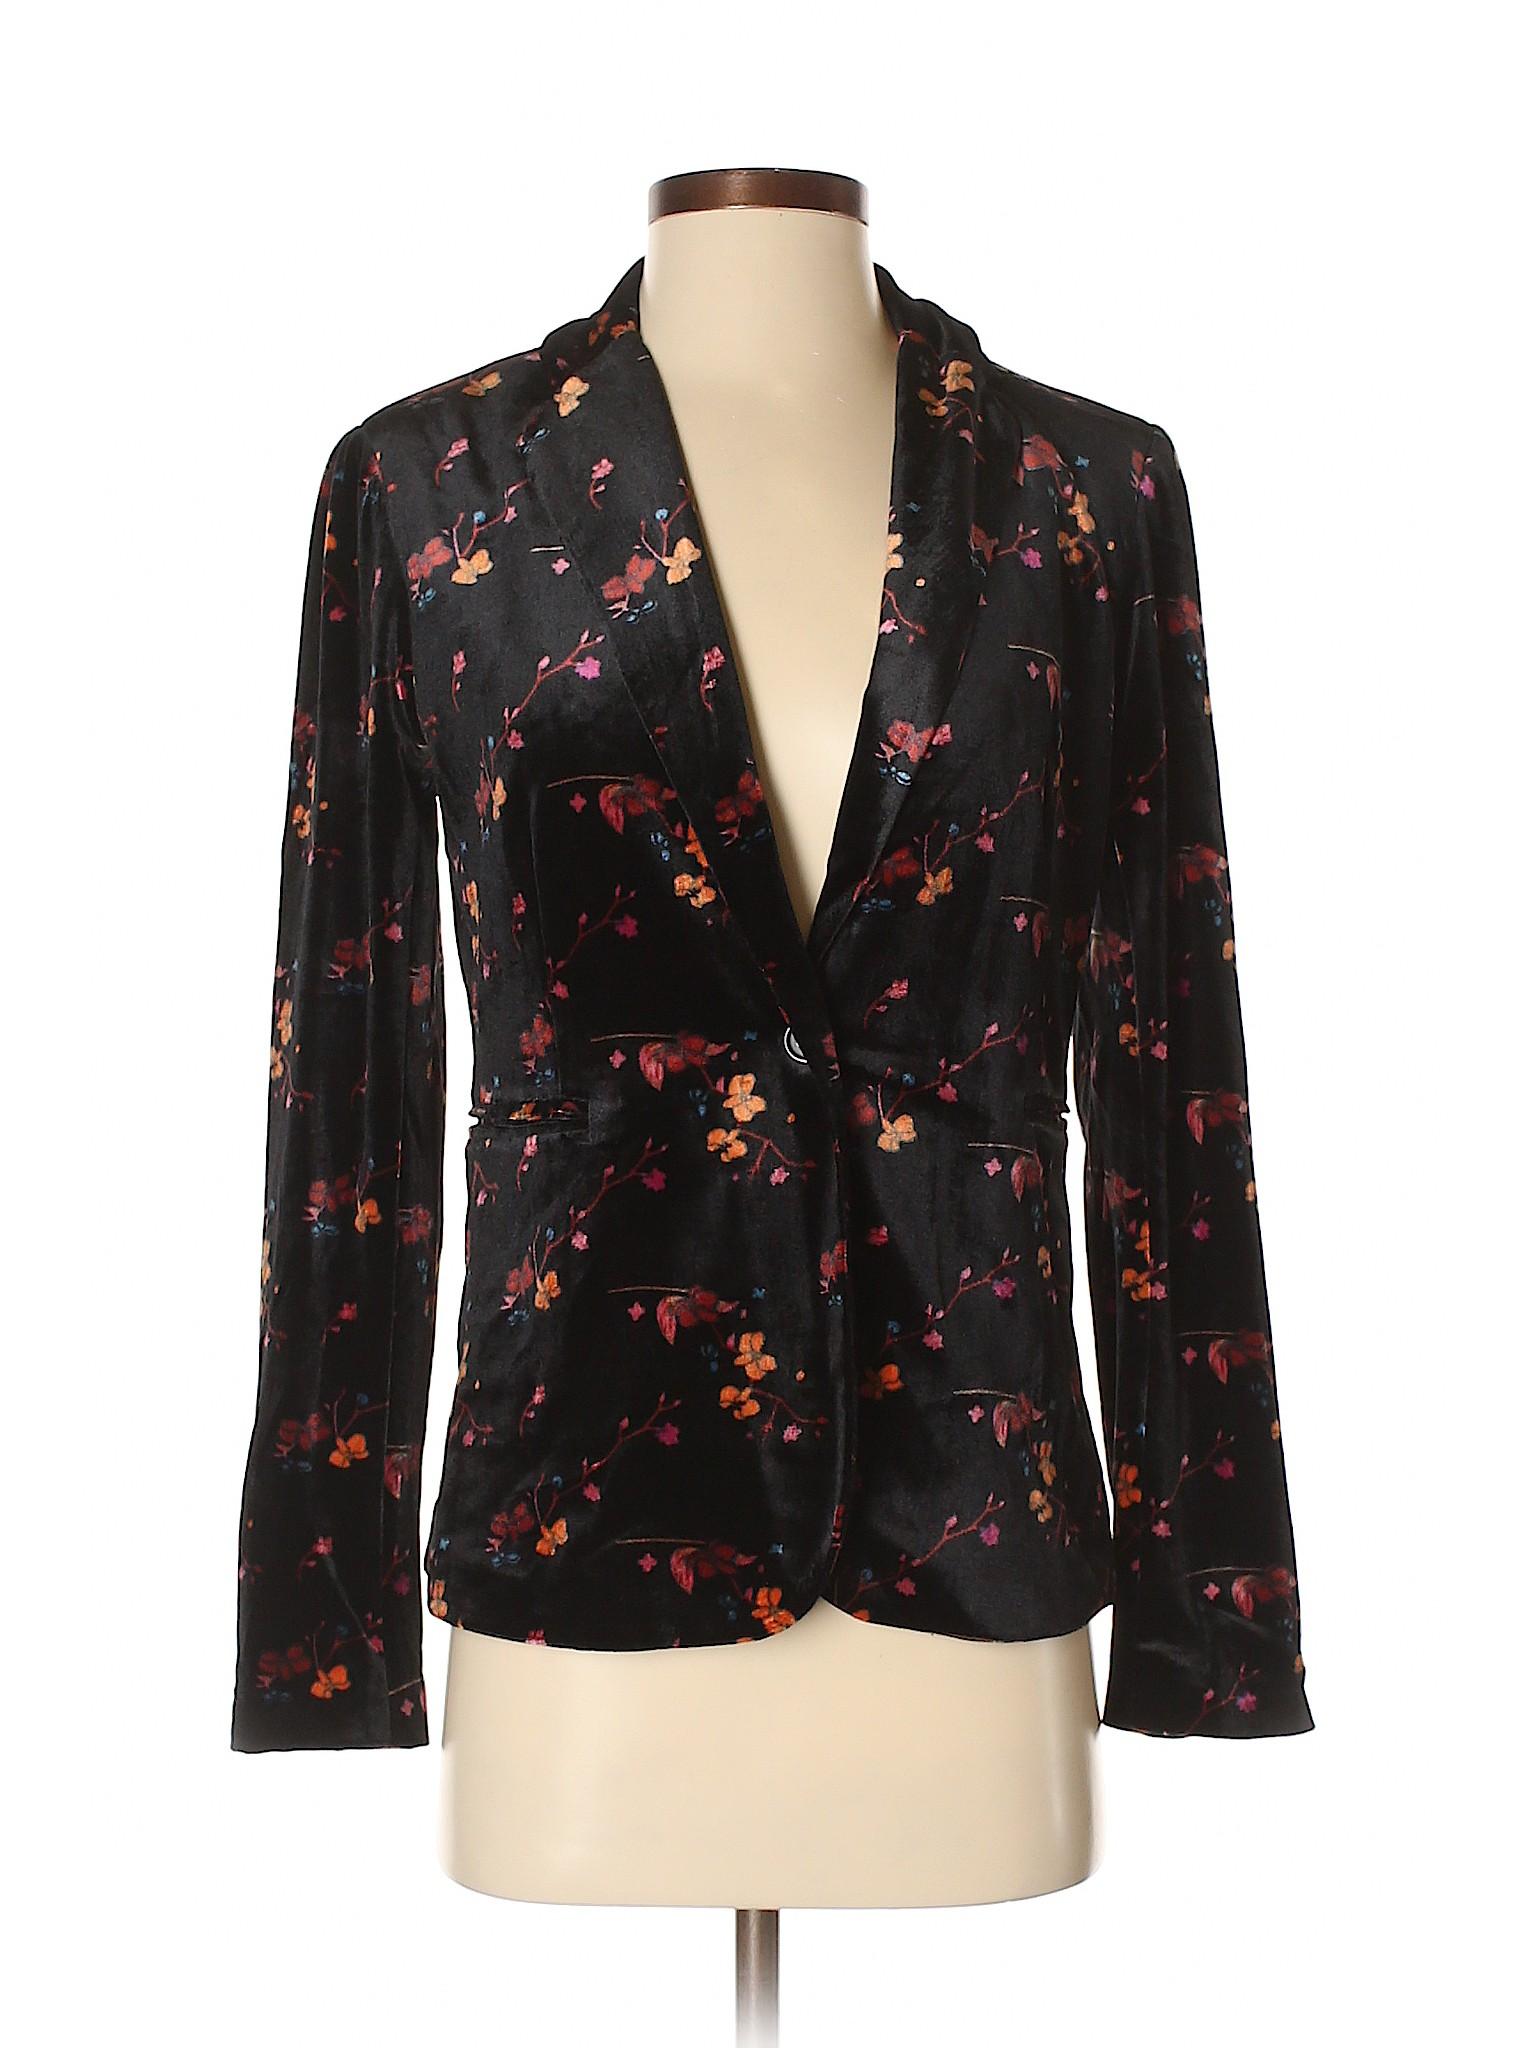 Cynthia Maxx Rowley Boutique Blazer for T J SgOqnwXqd